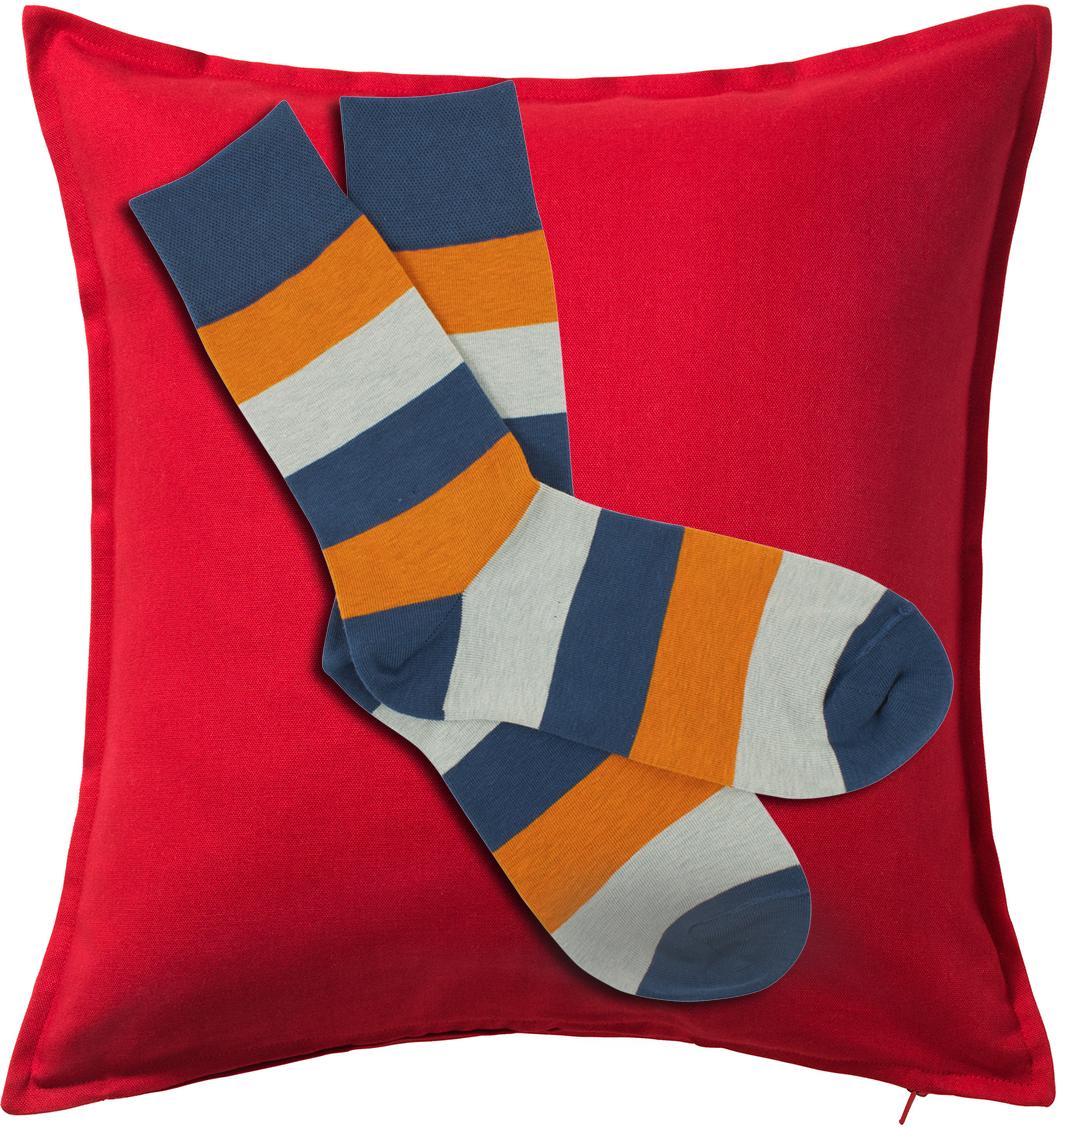 socks-cushion